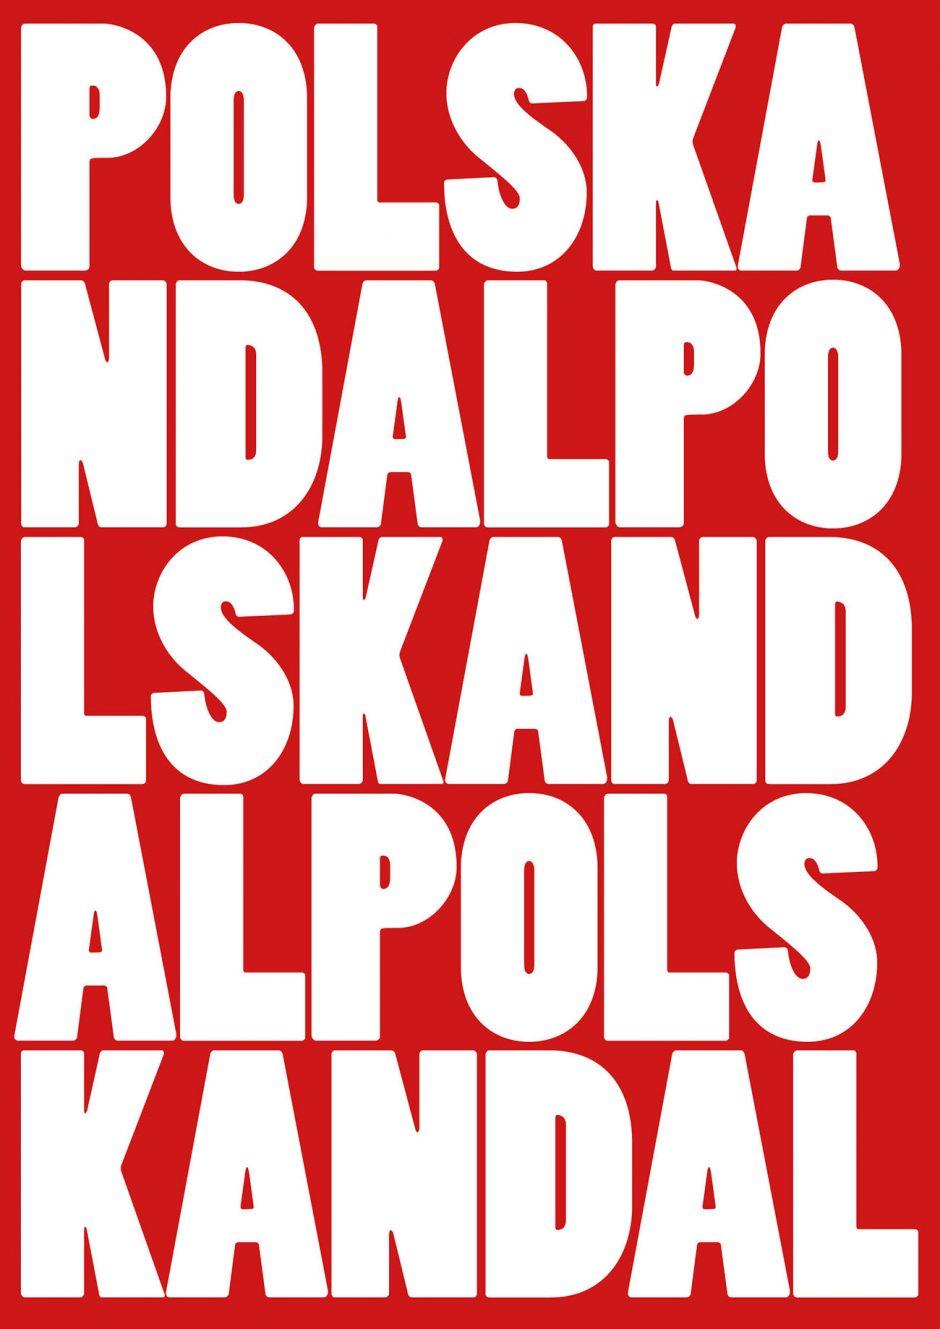 »Schaut man nach Polen die Tage, sieht man ein Skandal nach dem anderen geschehen. Unterdrückung und Demokratieverfall im Herzen Europas«